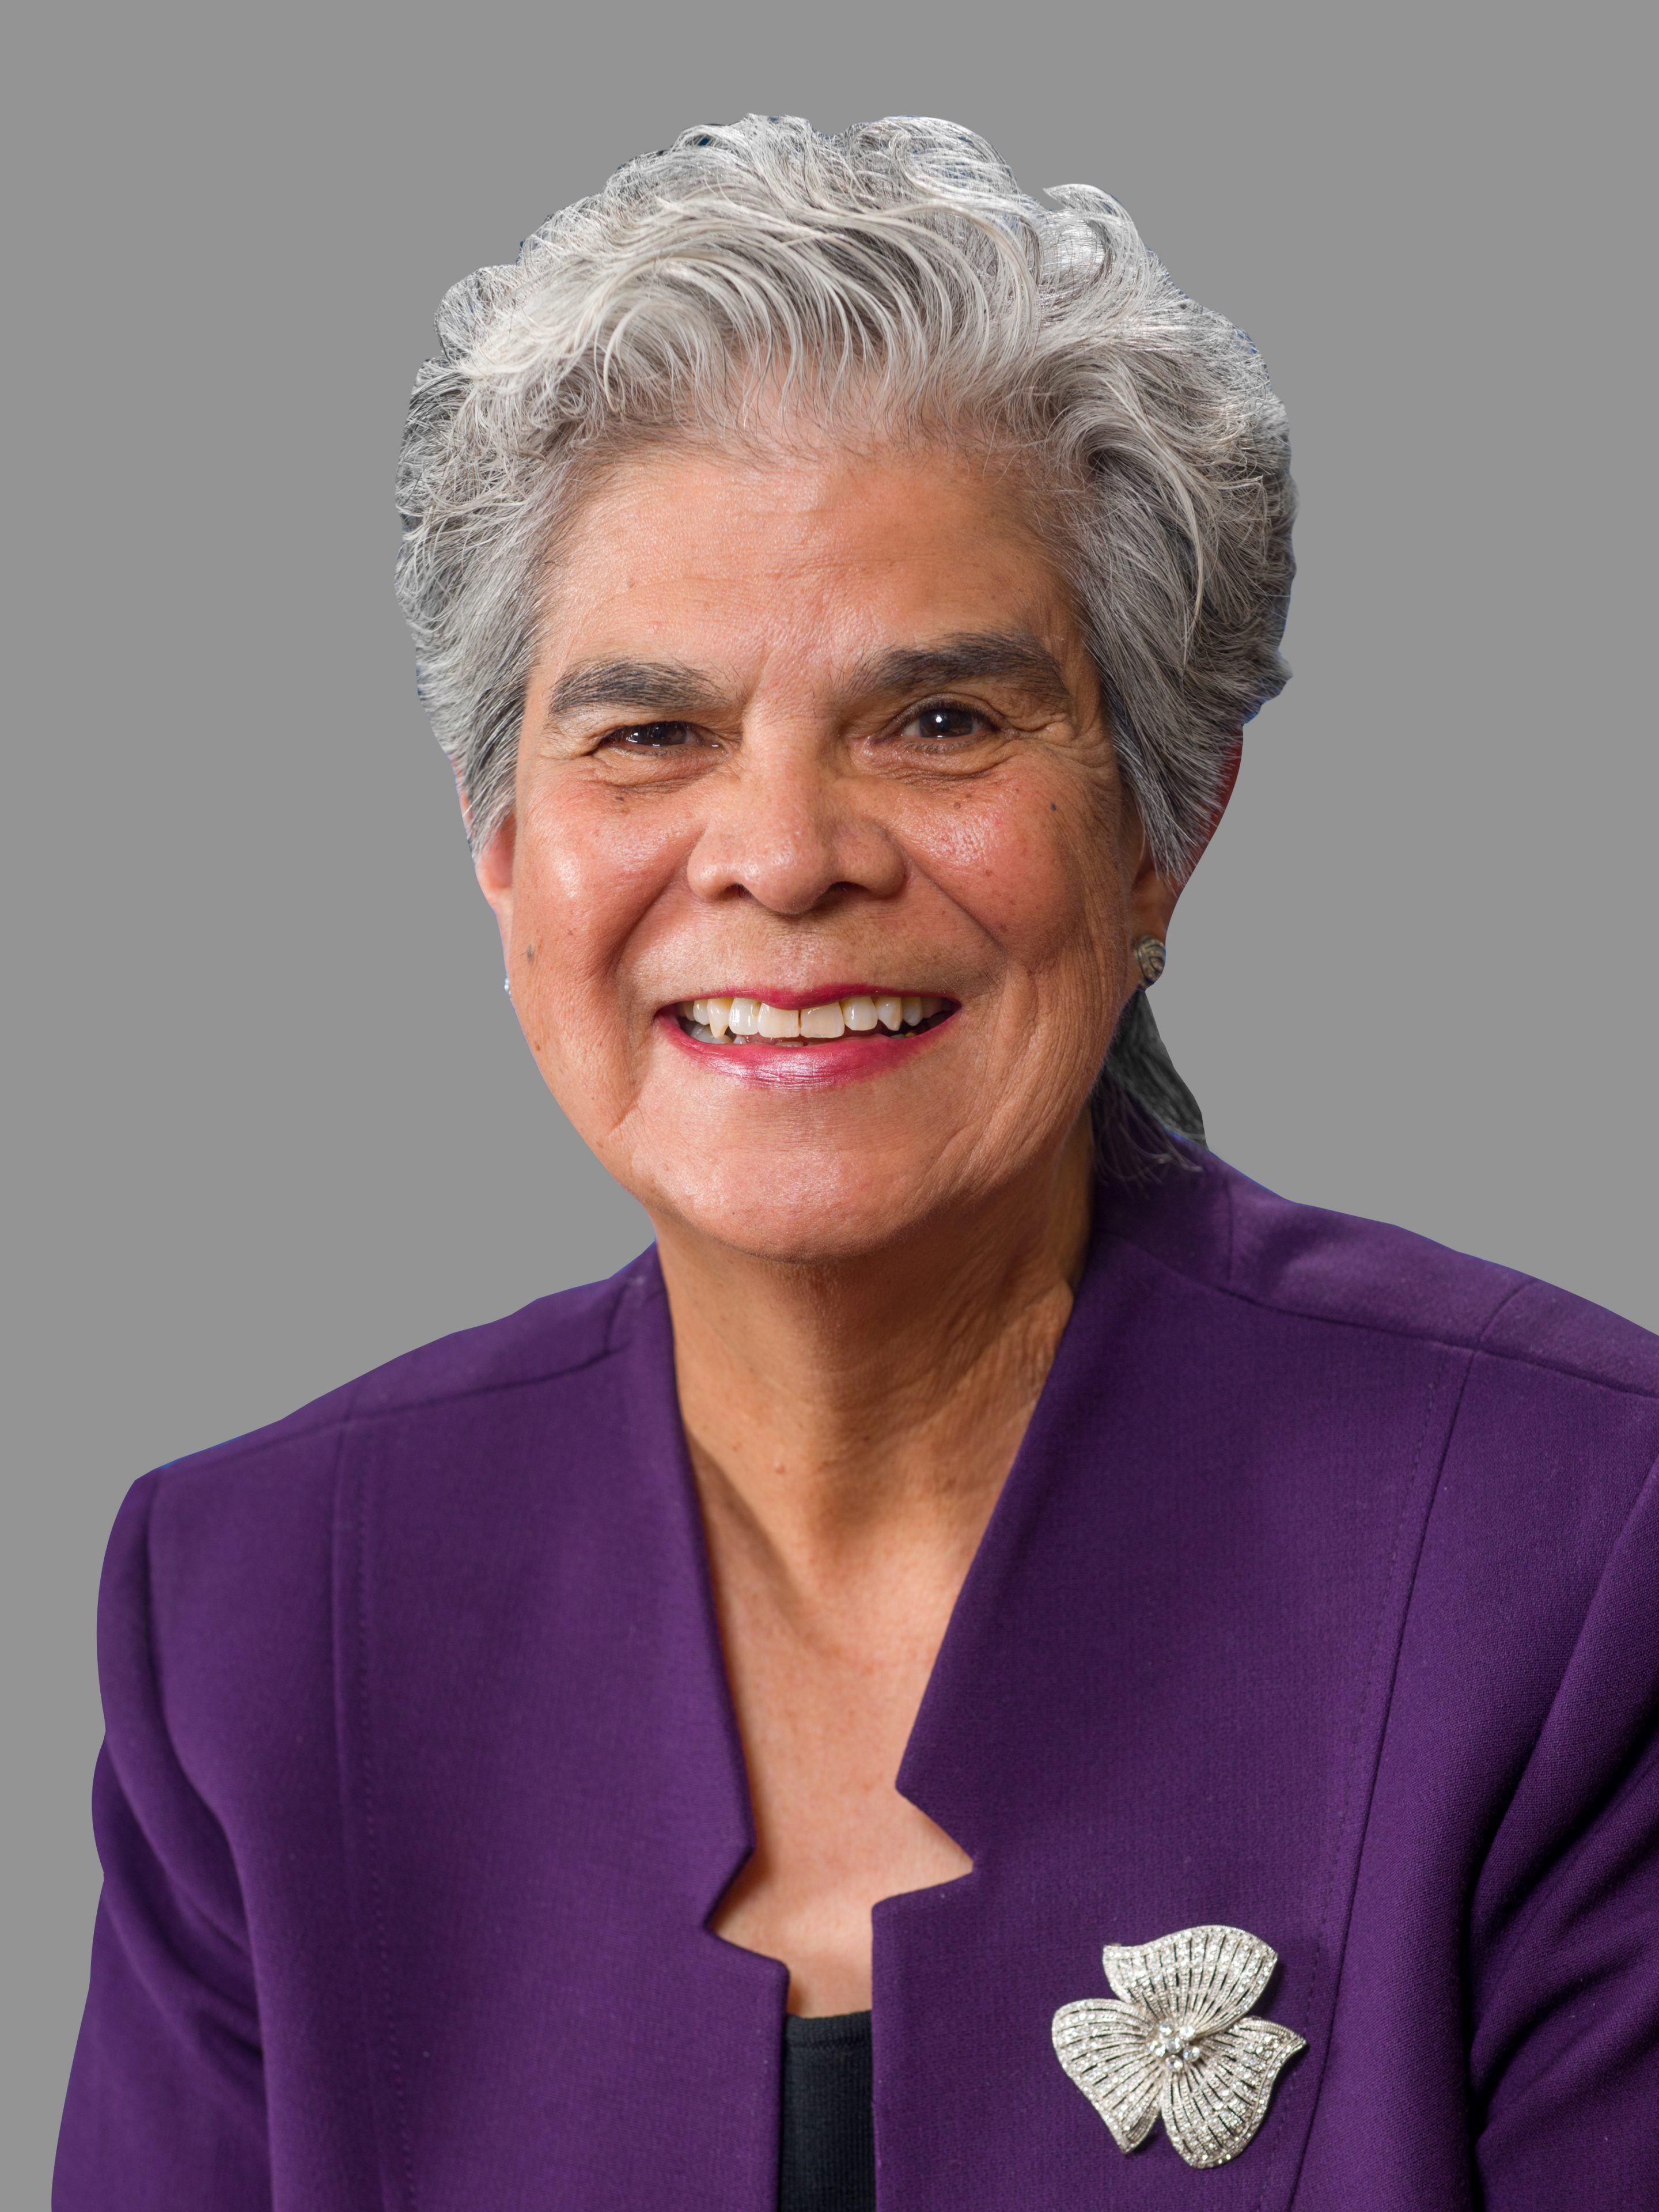 Guadalupe Reyes, Secretary